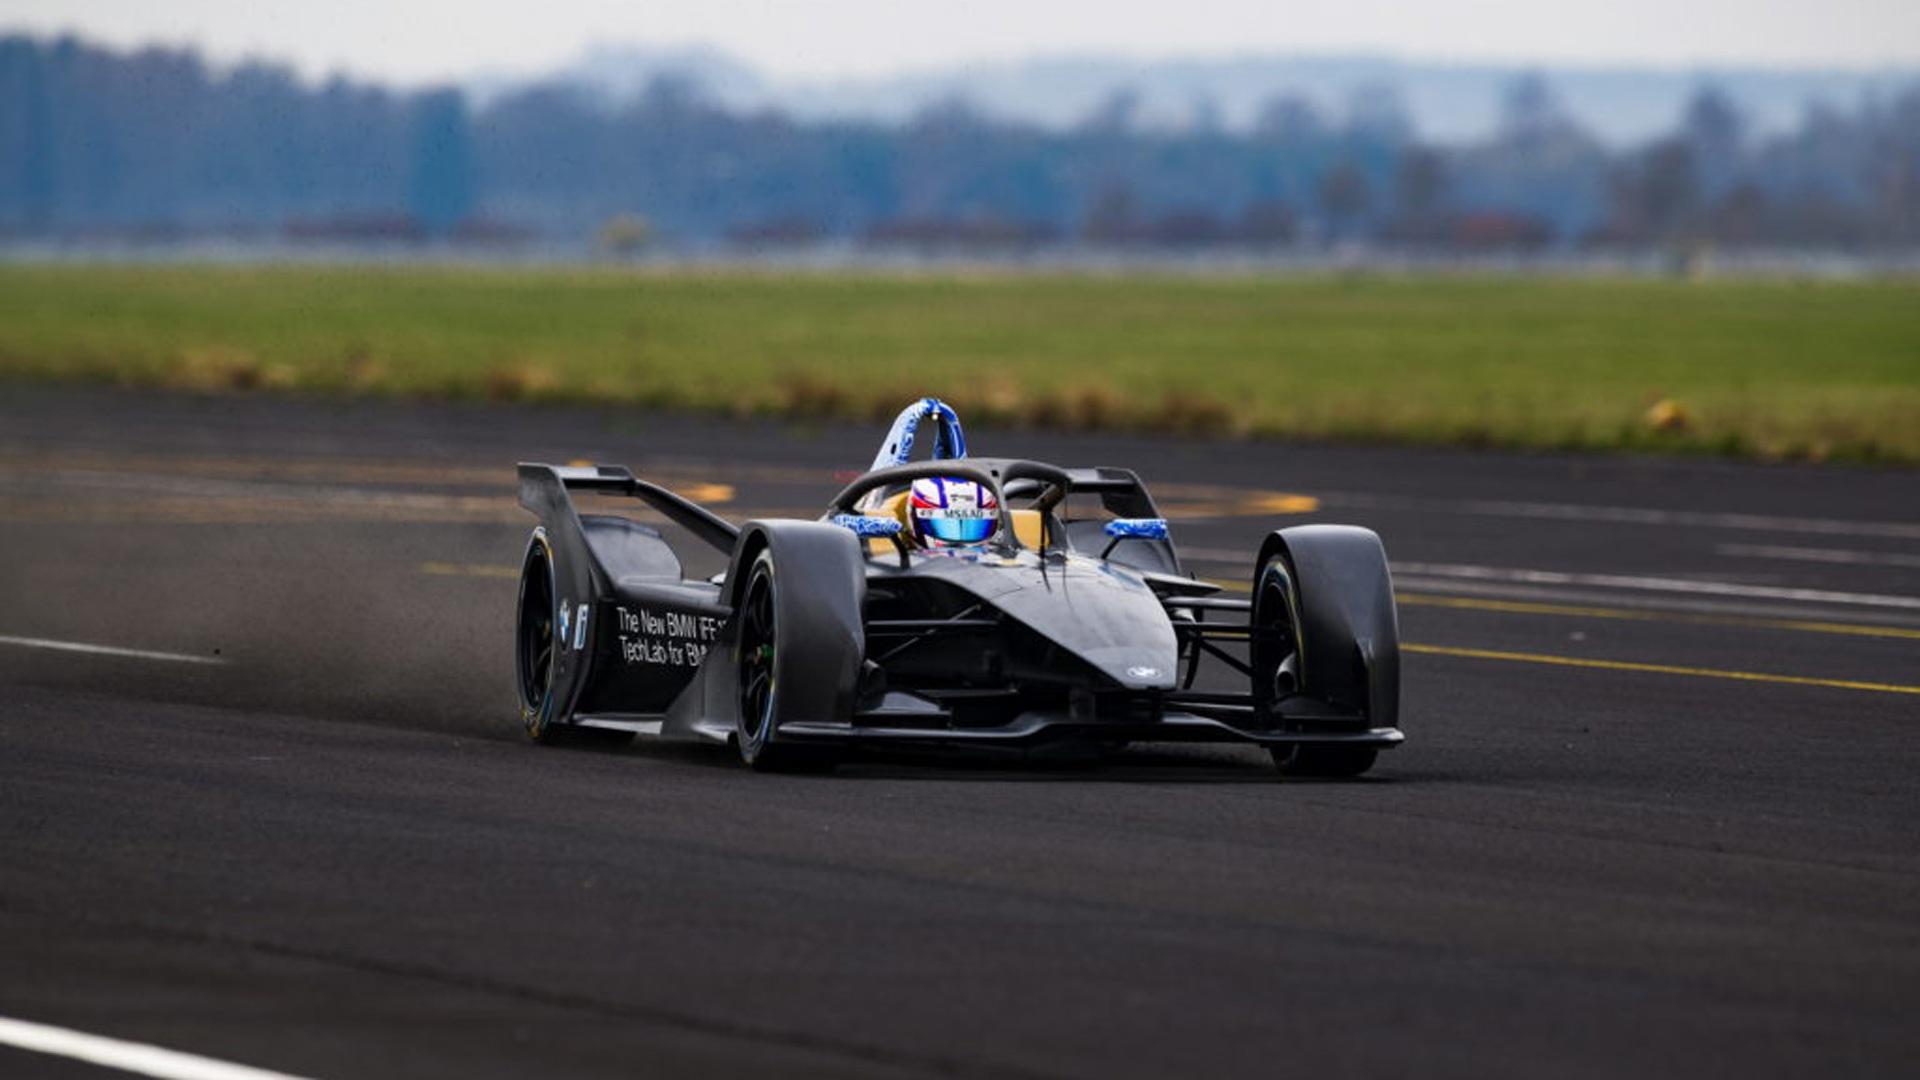 Los grandes fabricantes se unen a la Fórmula E de 2019